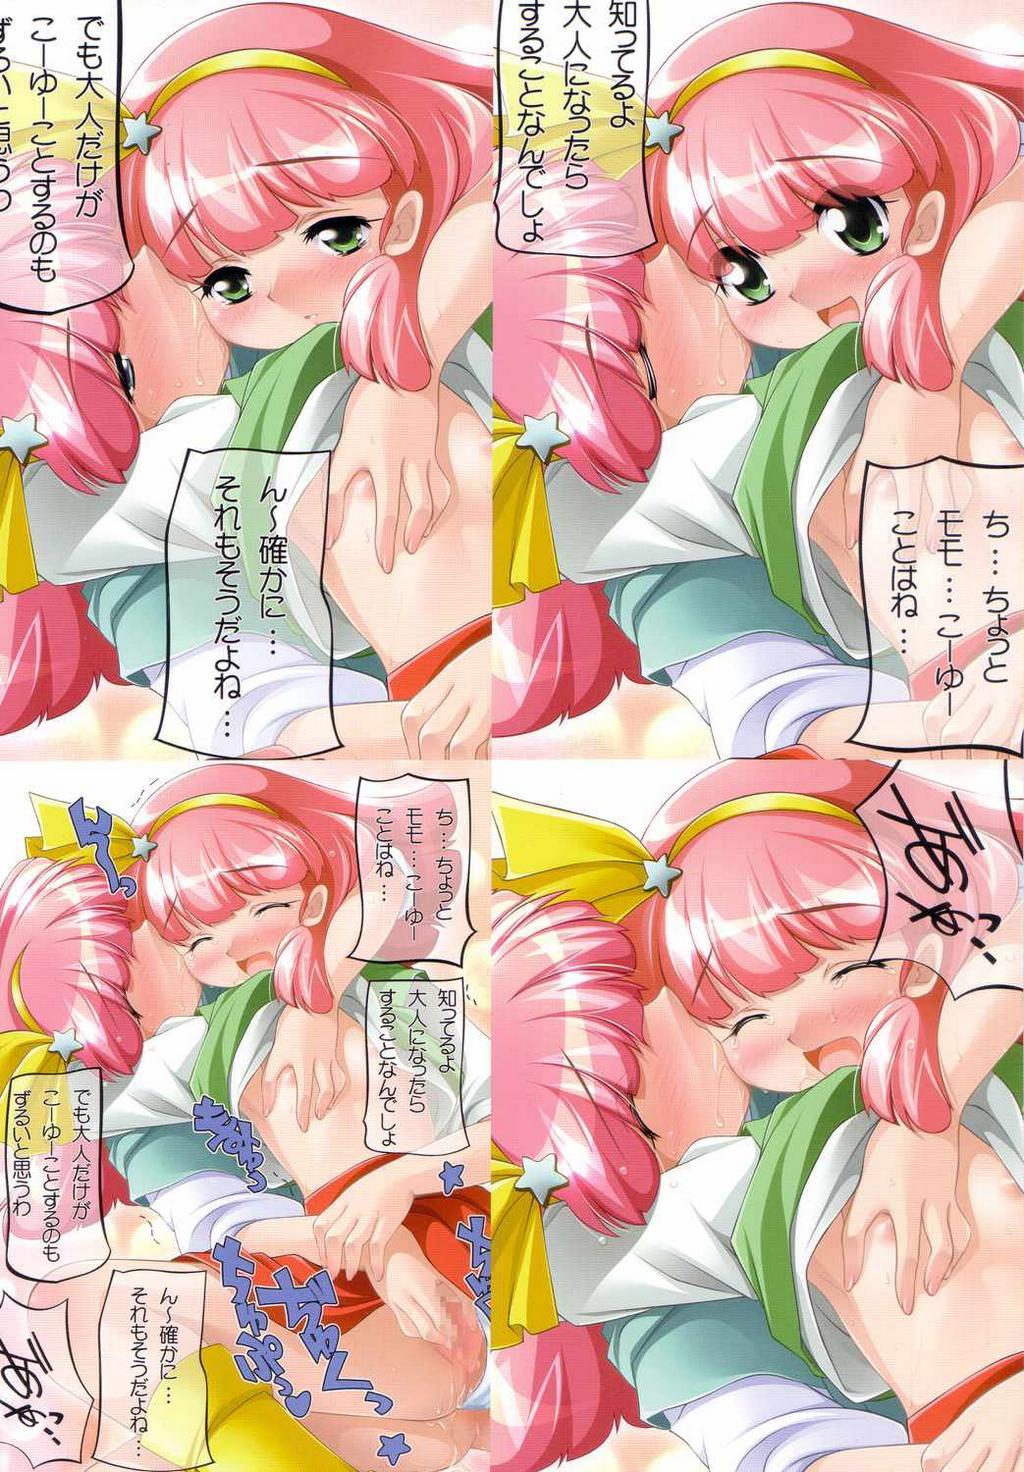 Watsukiya no Hon 010 24